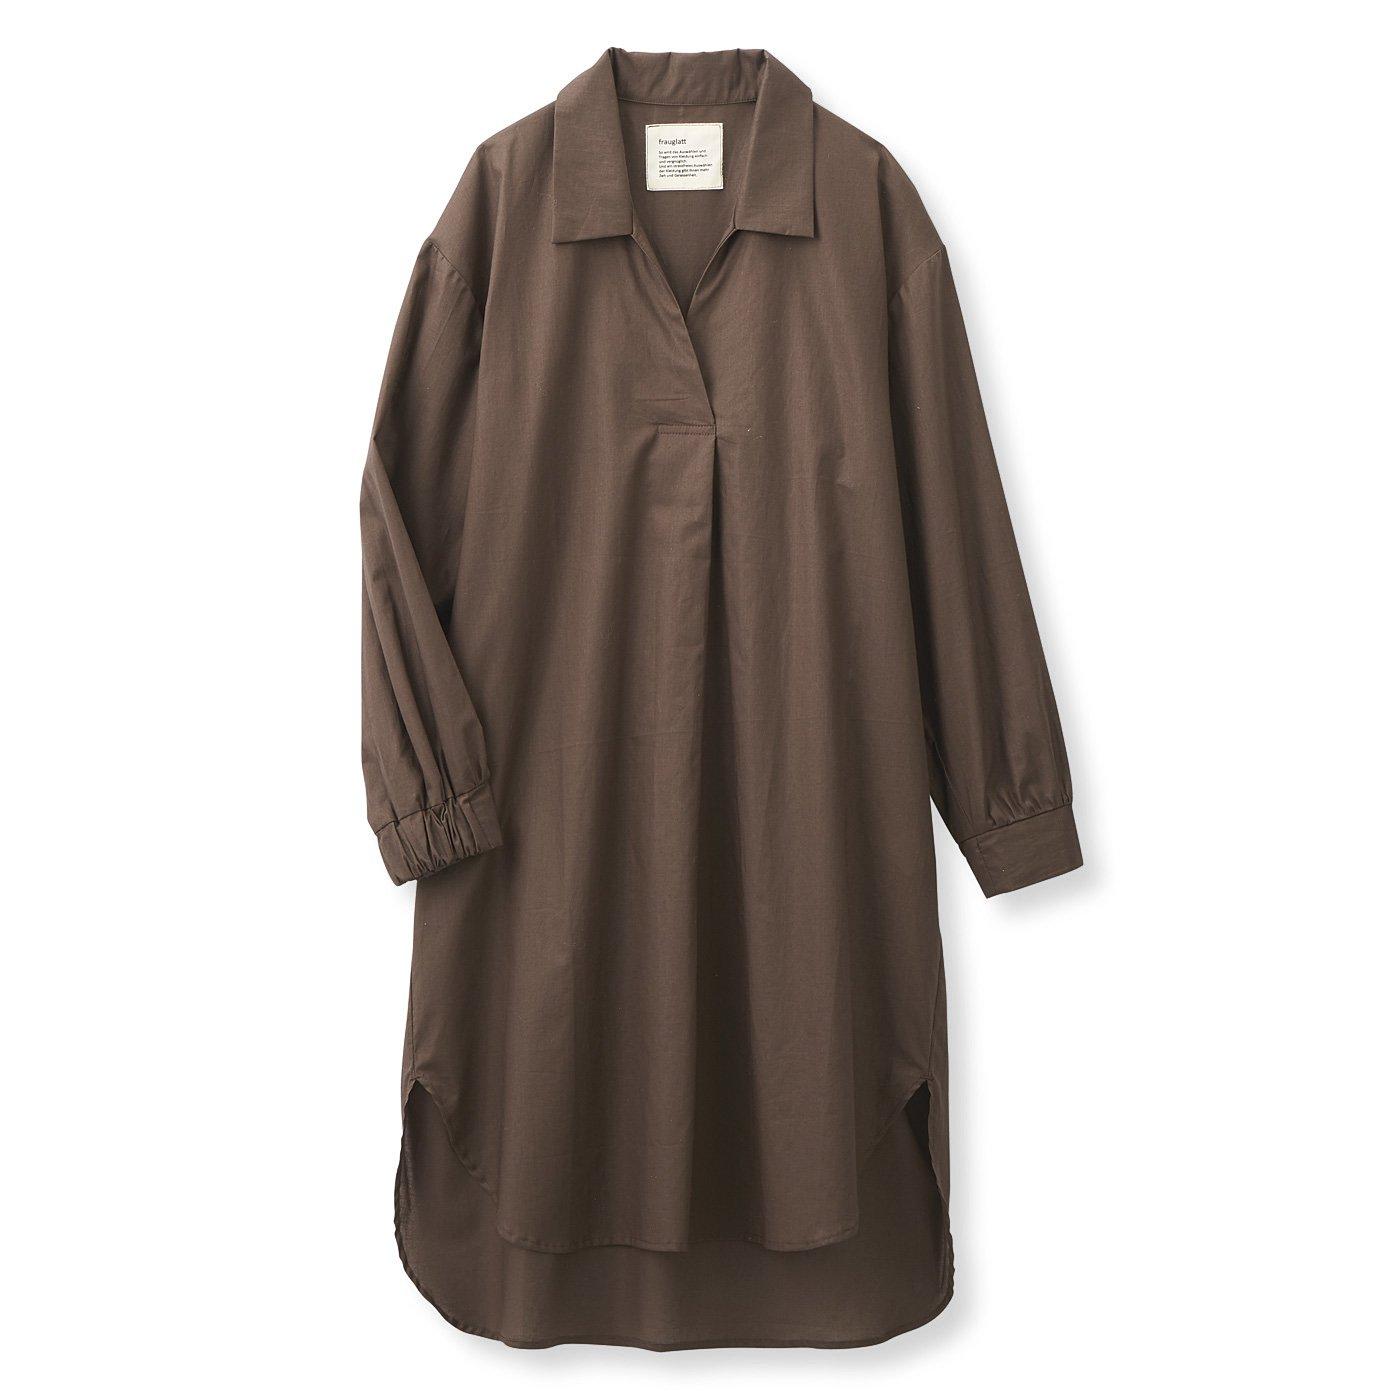 フラウグラット さっとかぶって着こなし決まる♪ きれい見え綿100%の撥水(はっすい)プルオーバーチュニックワンピース〈チョコレート〉